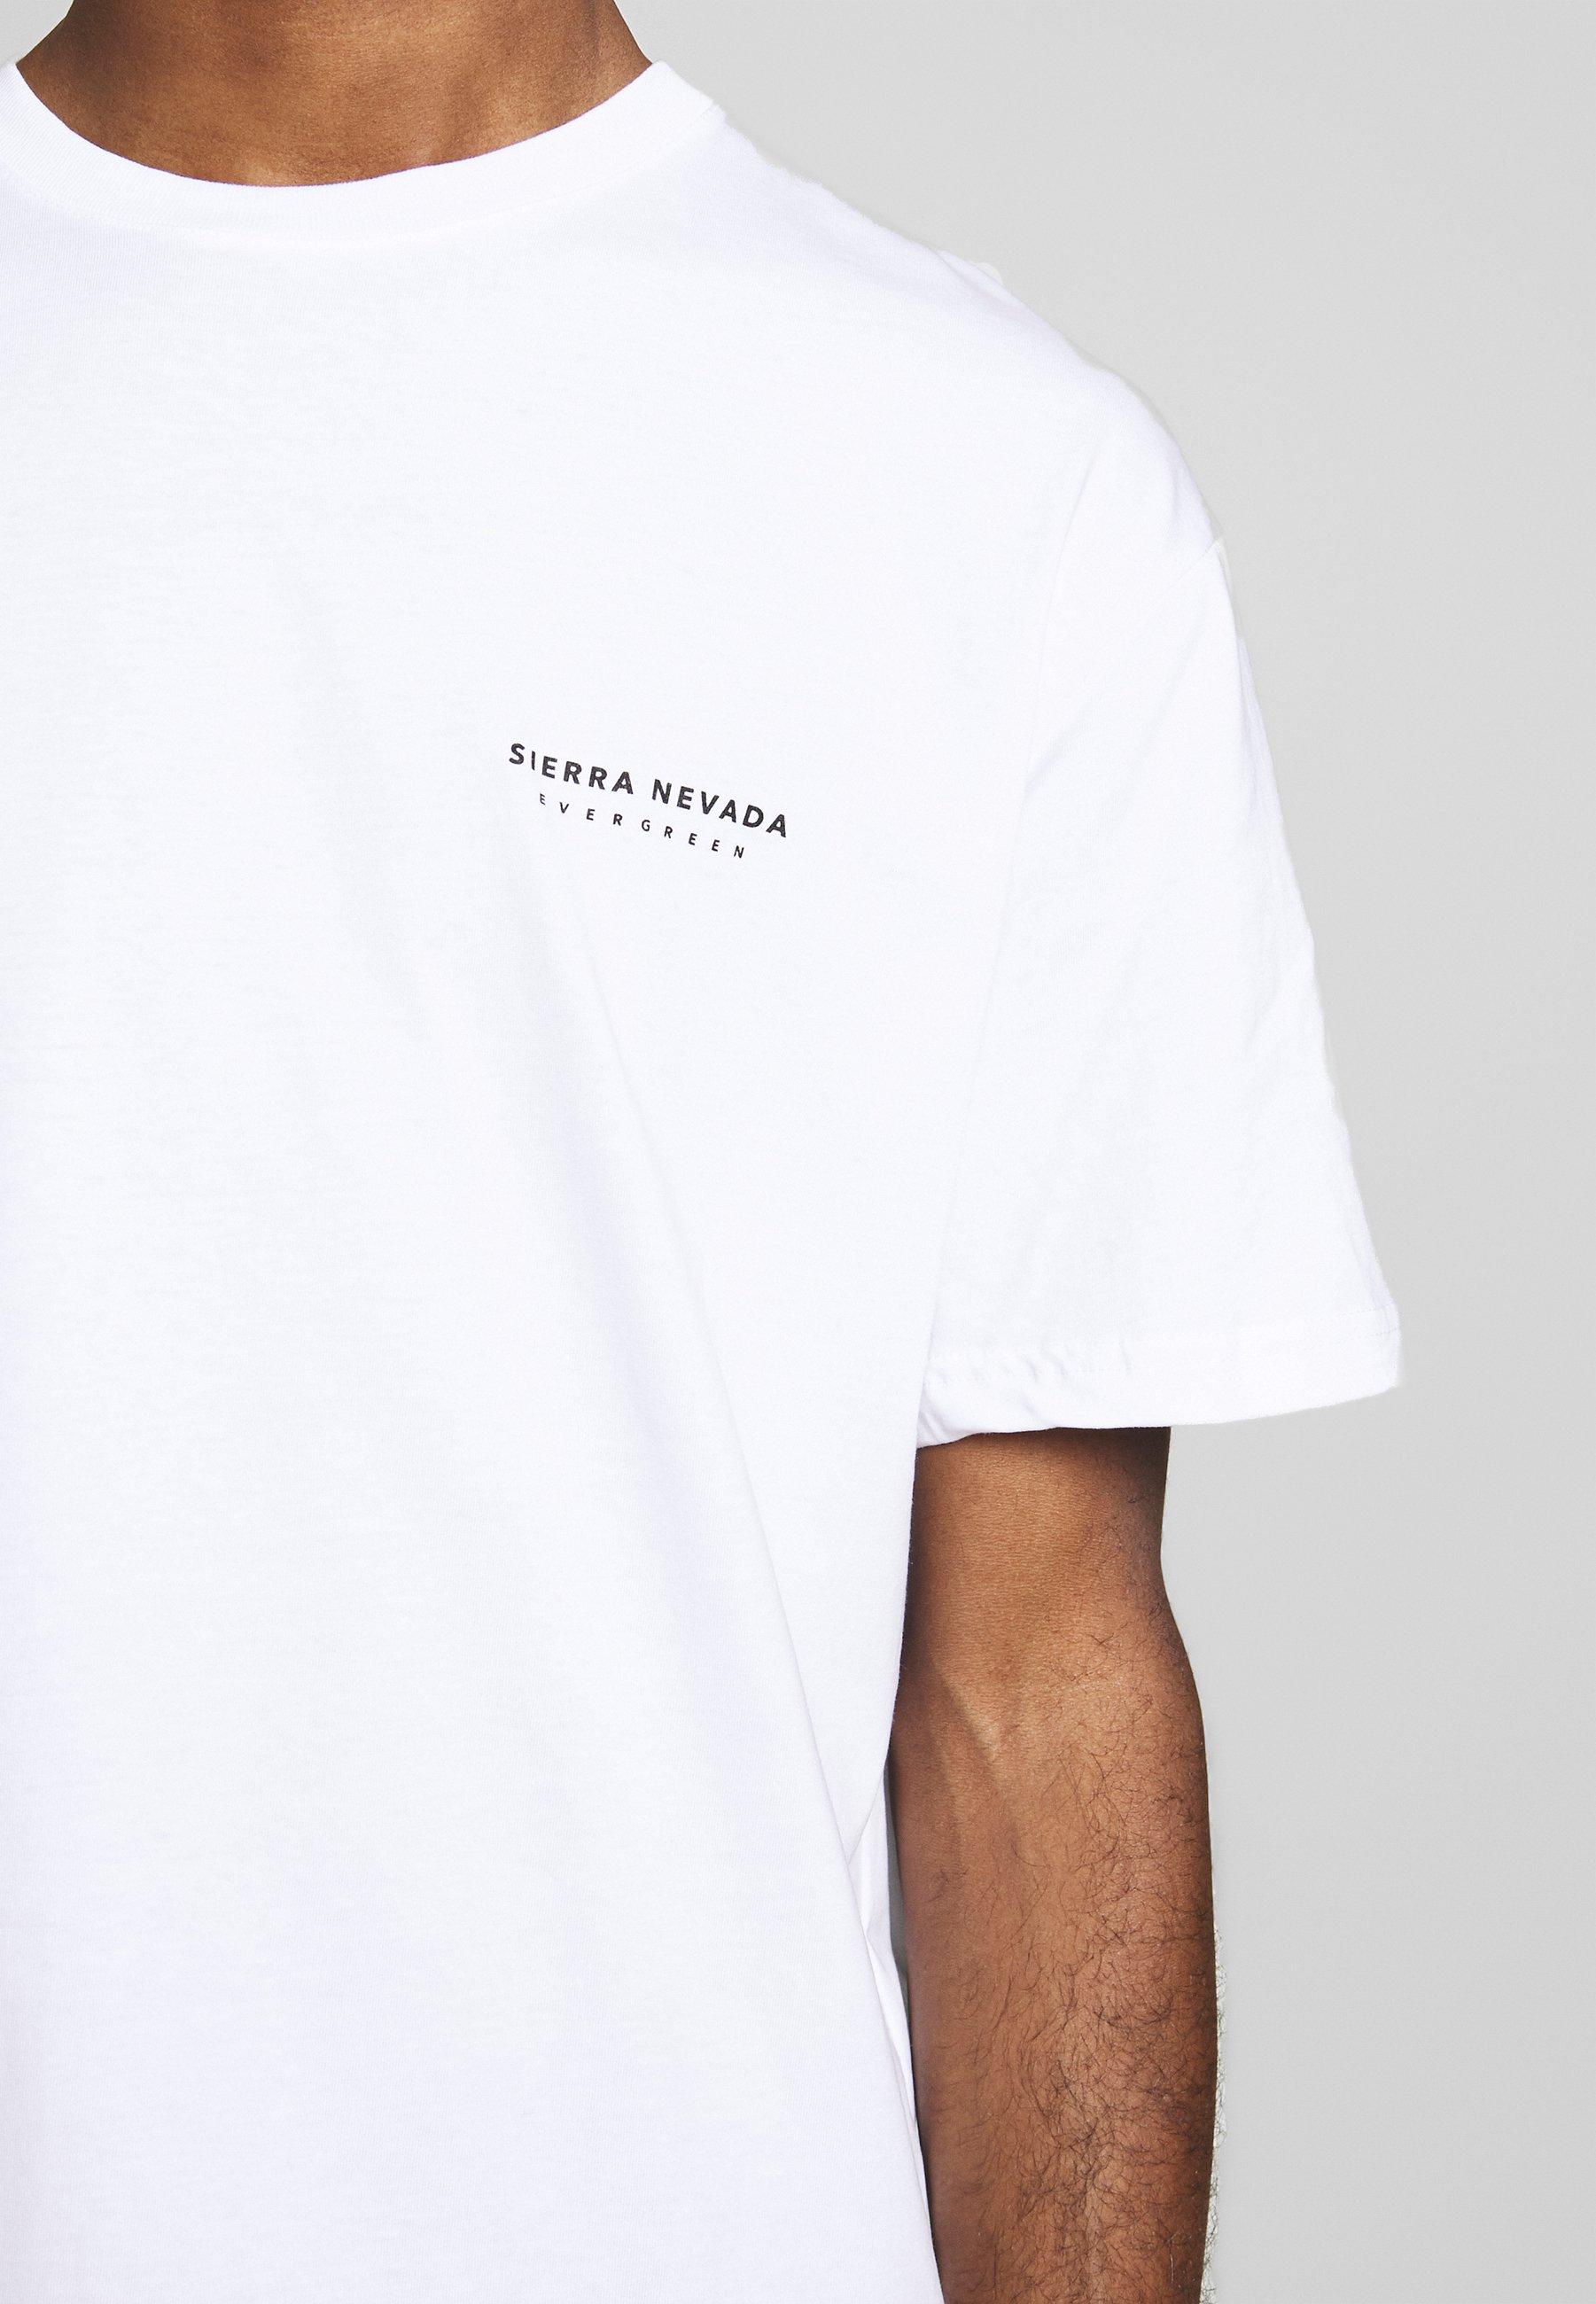 Topman Sierra Nevada Print Tee - T-shirt Imprimé White